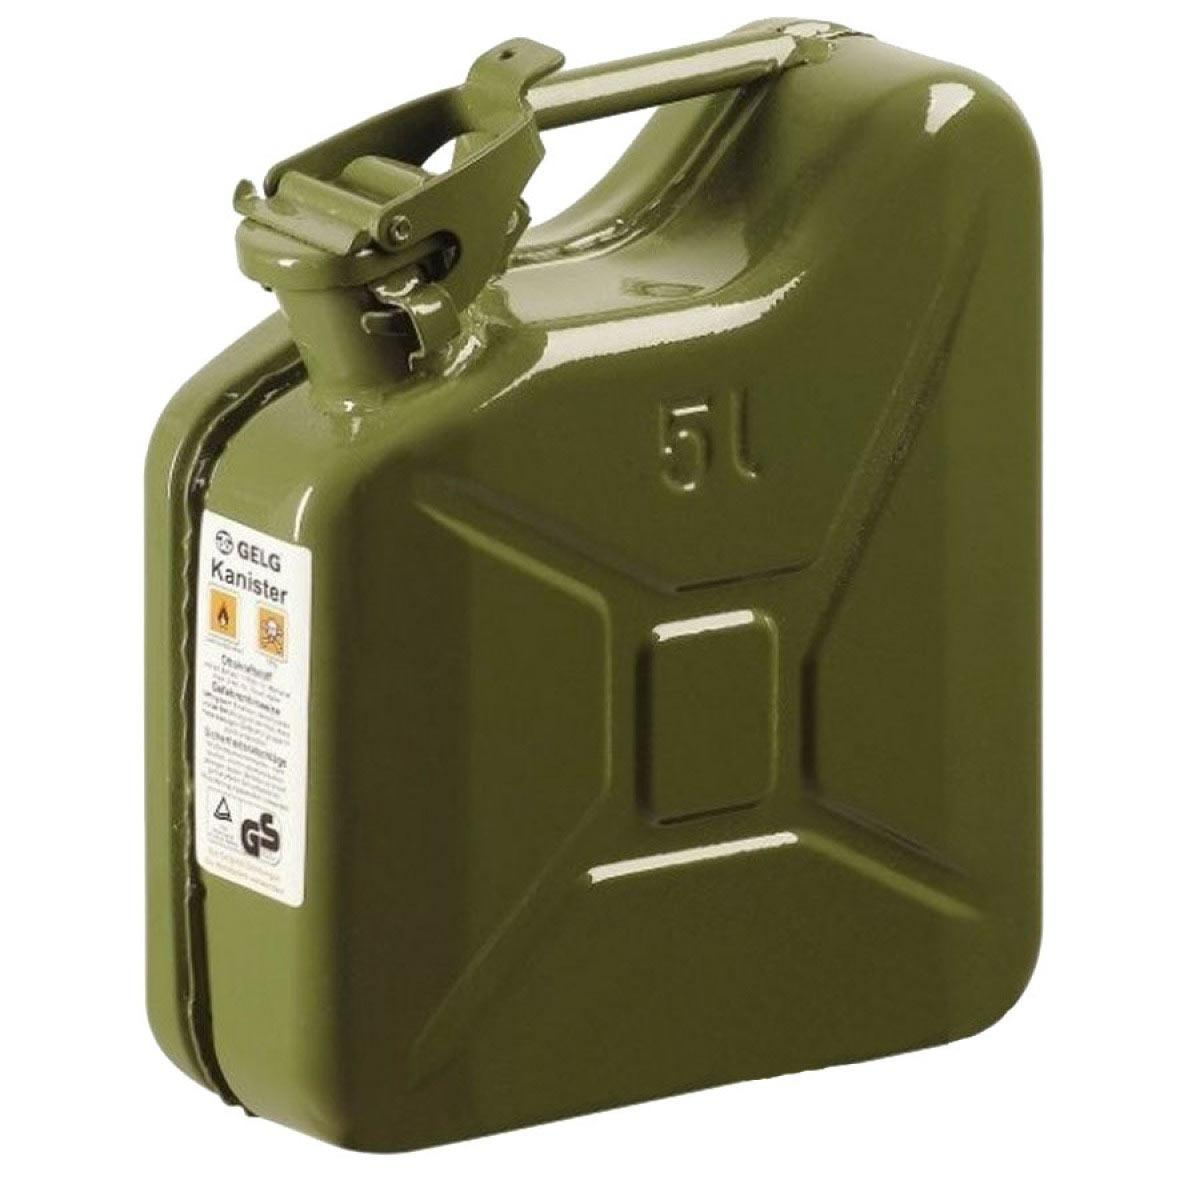 Каністра 5 л для бензину, металева Gelg (66576)